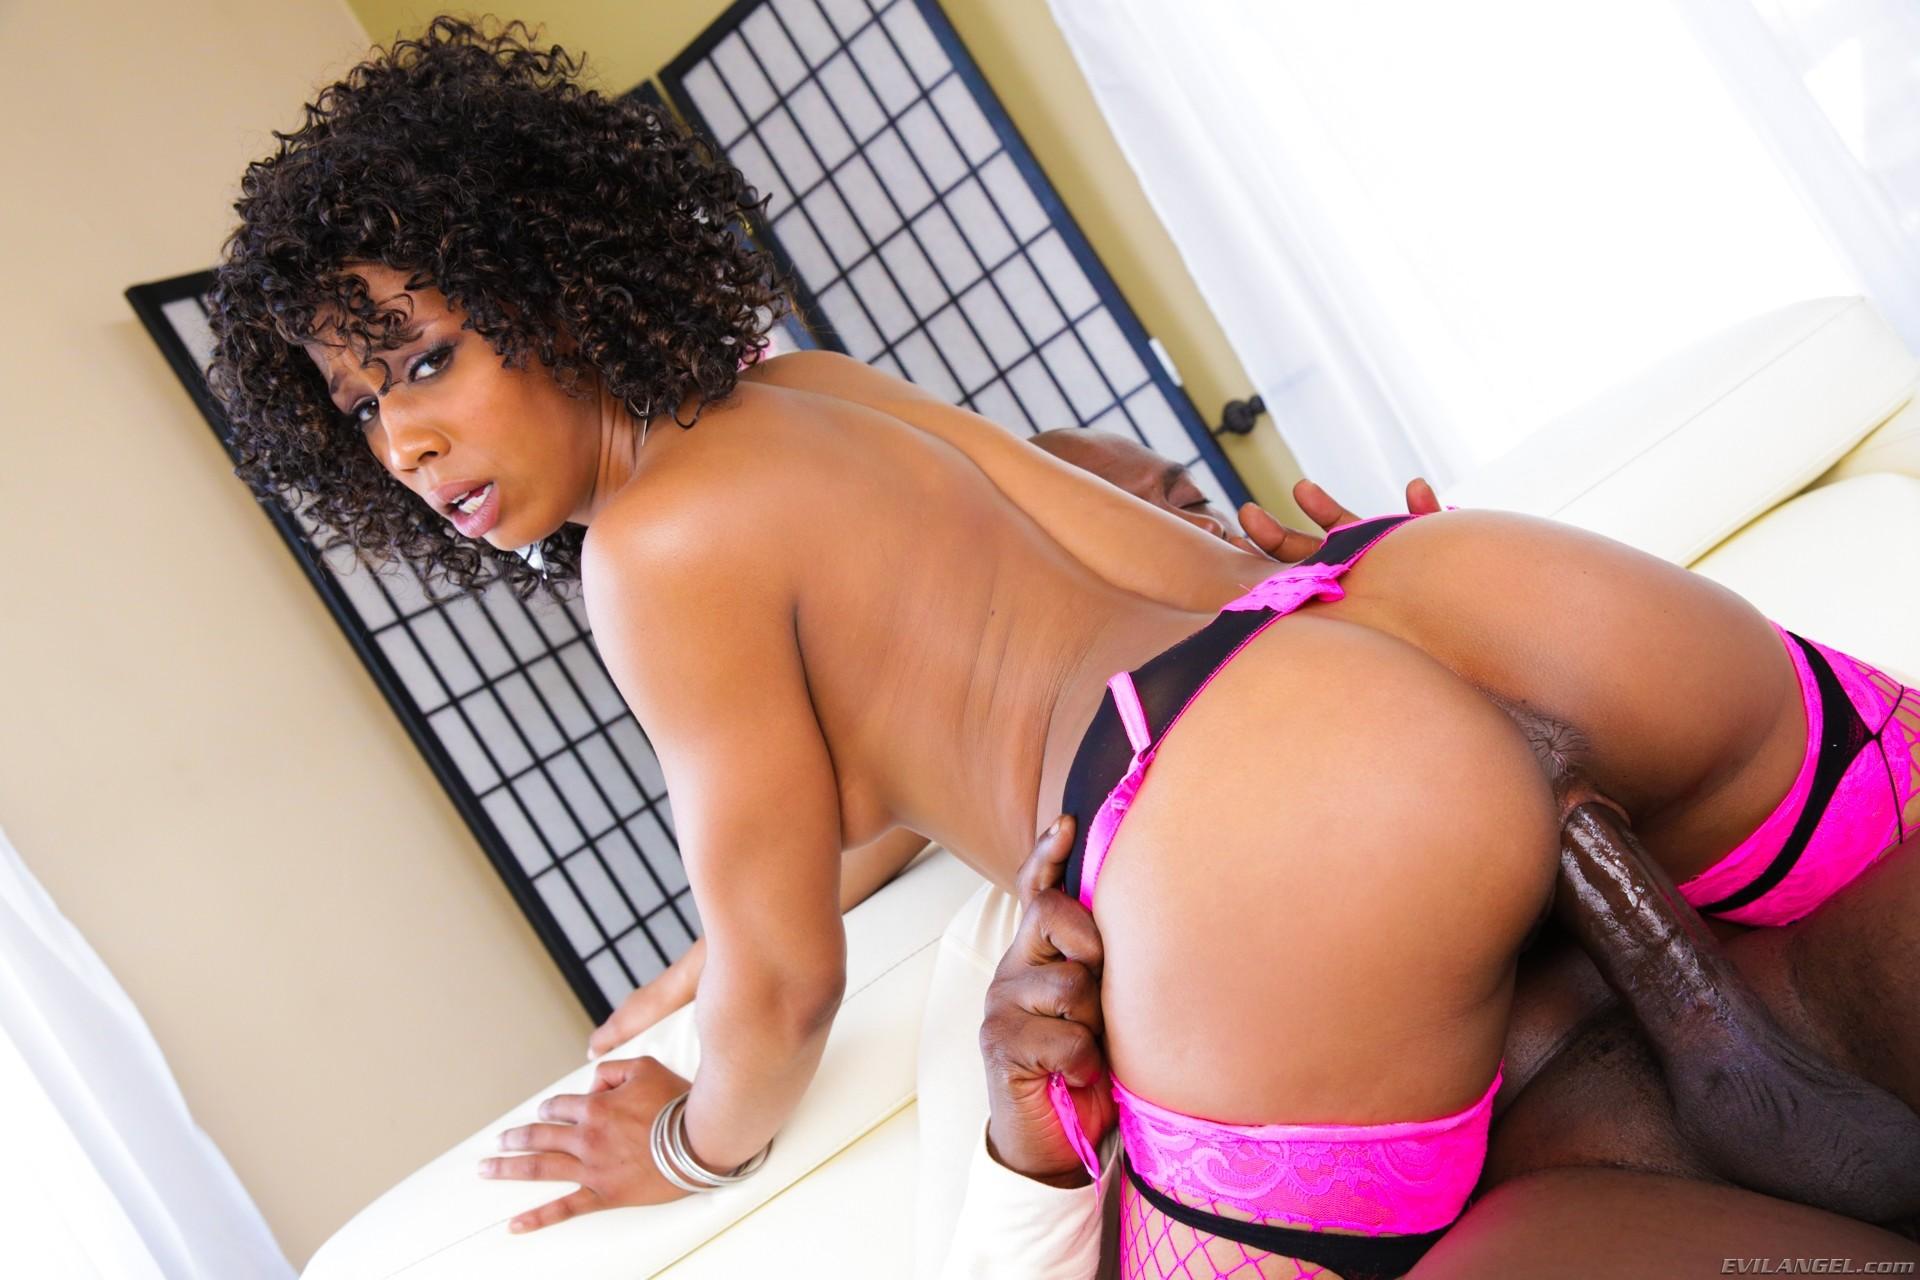 Ebony misty anal, nude sex smoking